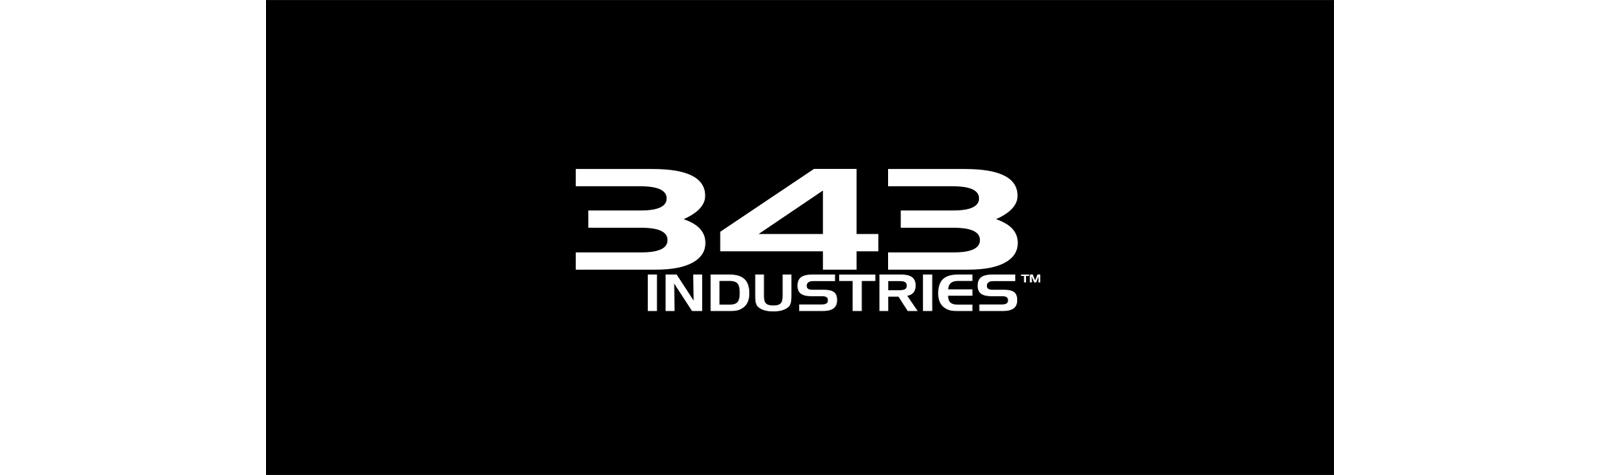 Mikwen Joins 343 Pro Team